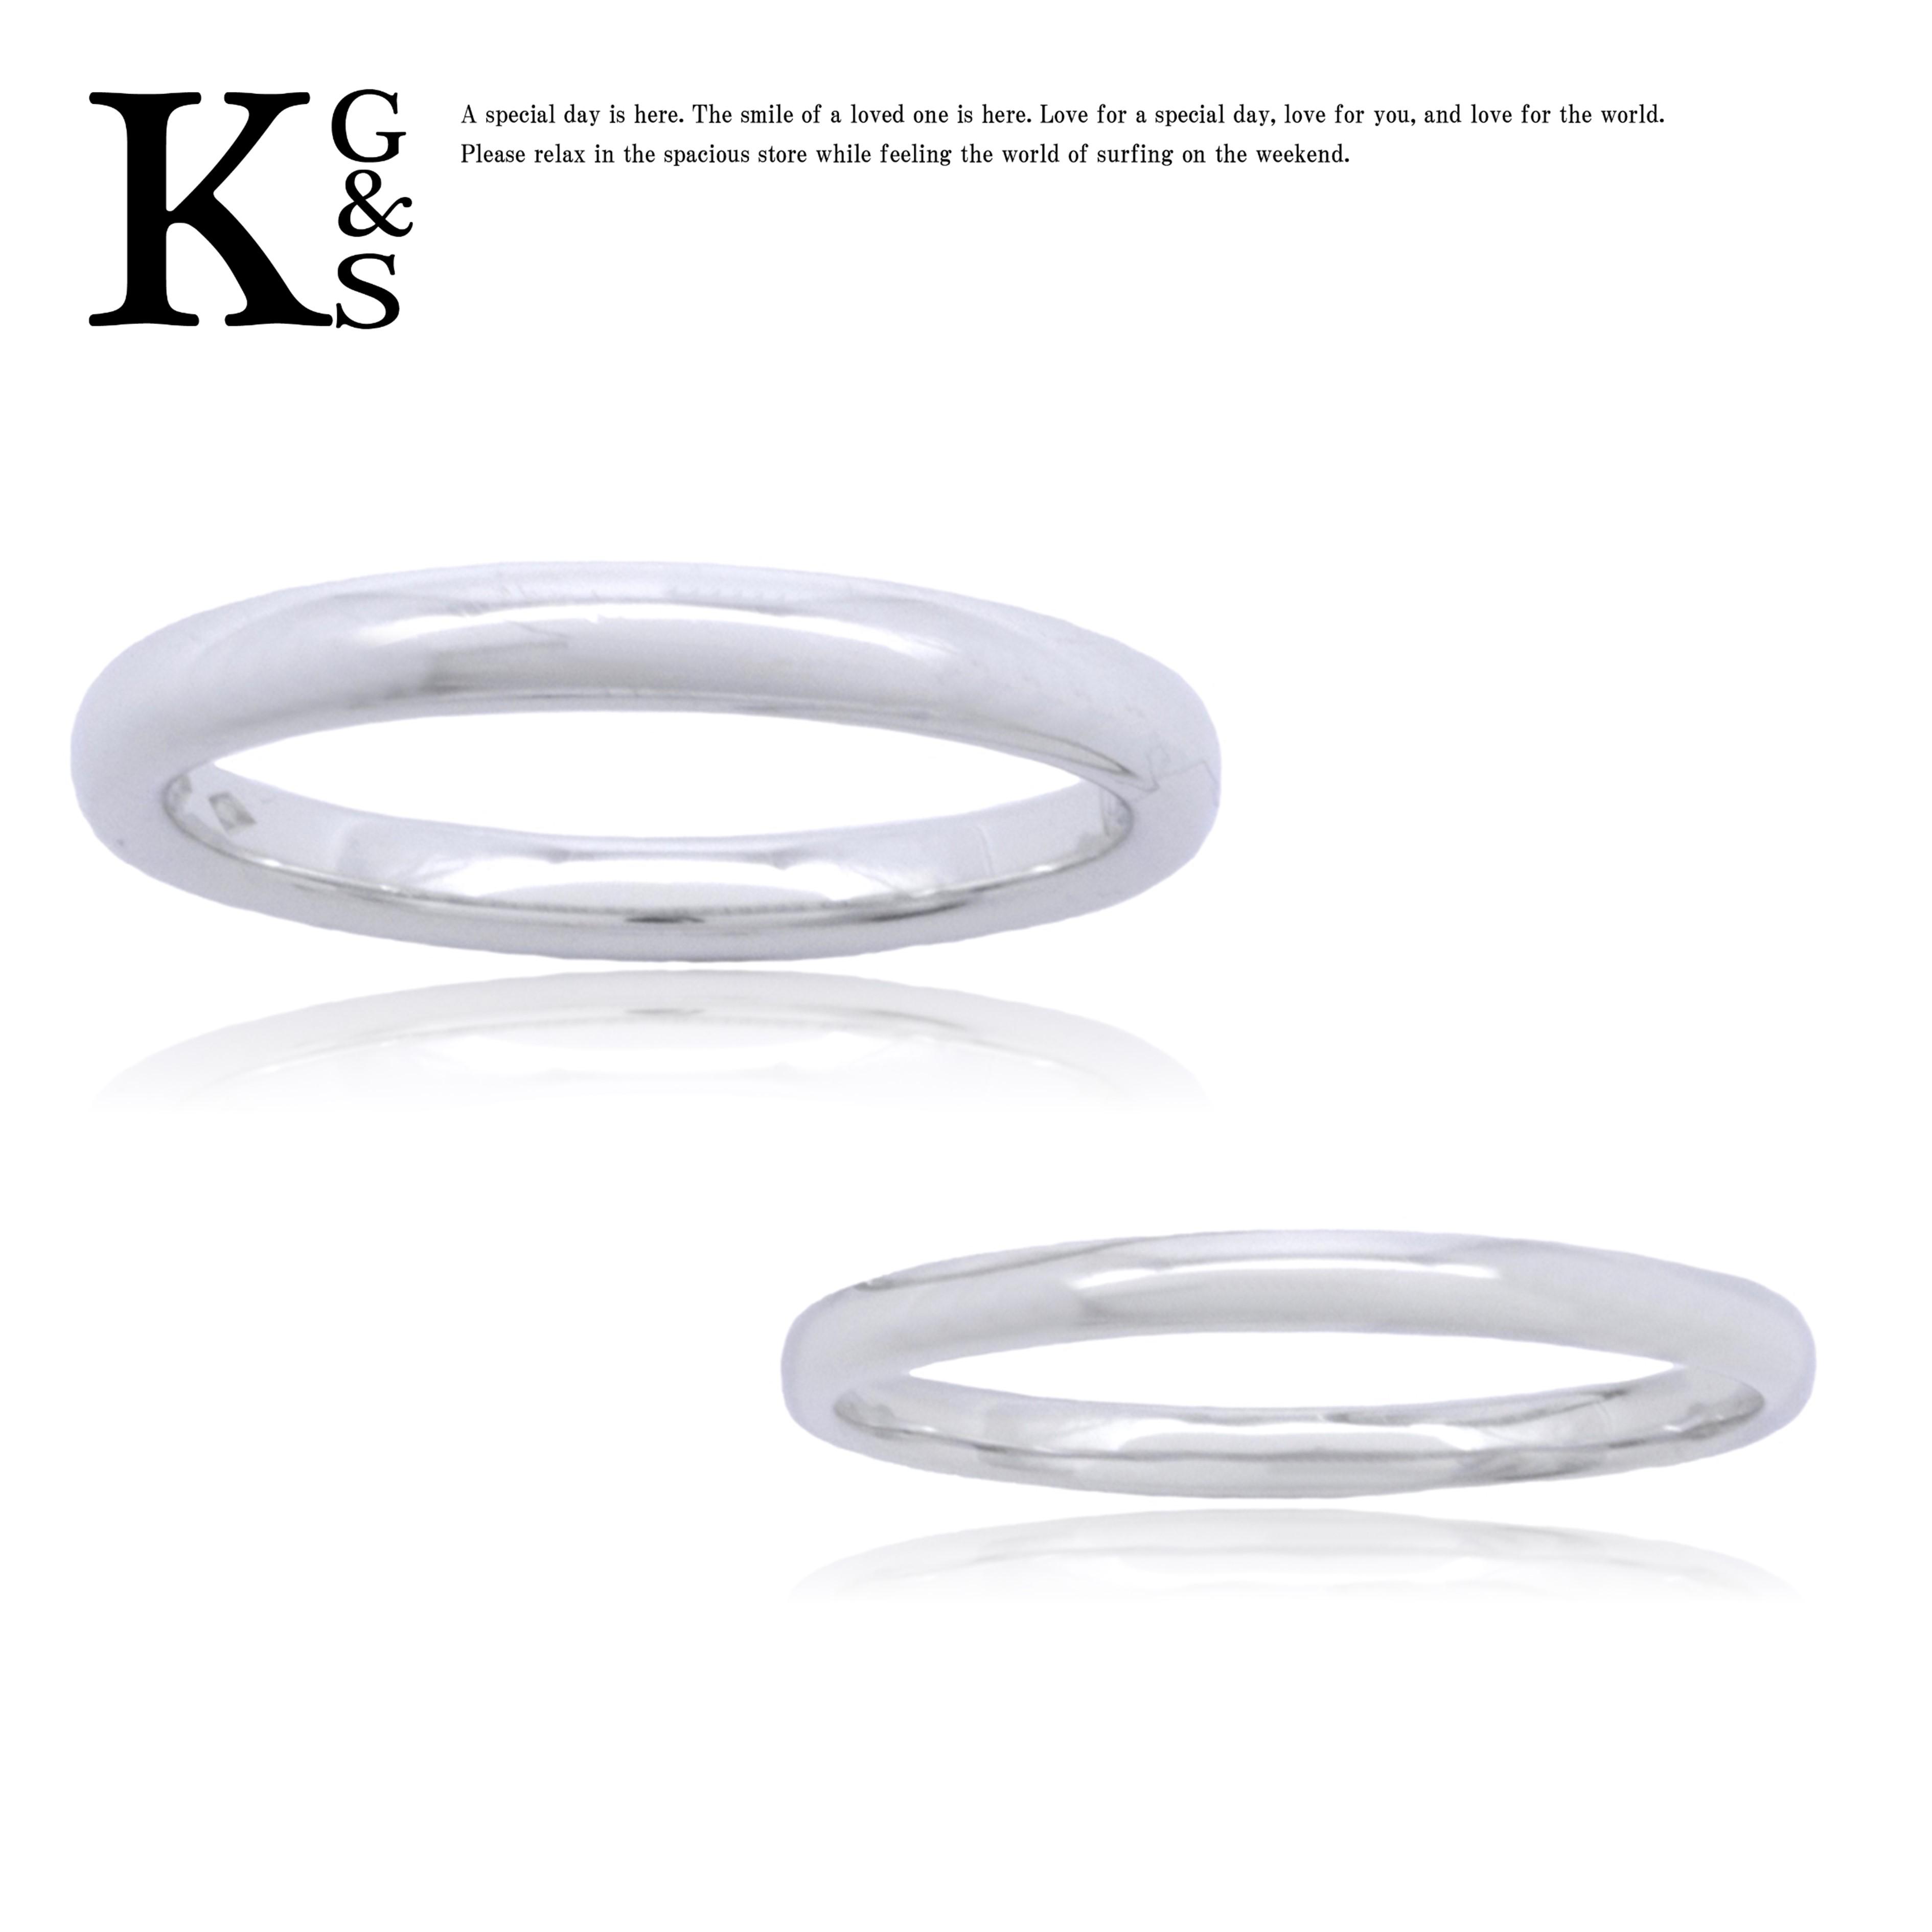 【ギフト品質】【名入れ】【セット販売】ヴァンクリーフ&アーペル/Van Cleef & Arpels / ペアリング / タンドルモン マリッジリング / Pt950 プラチナ / 結婚指輪 ブランド